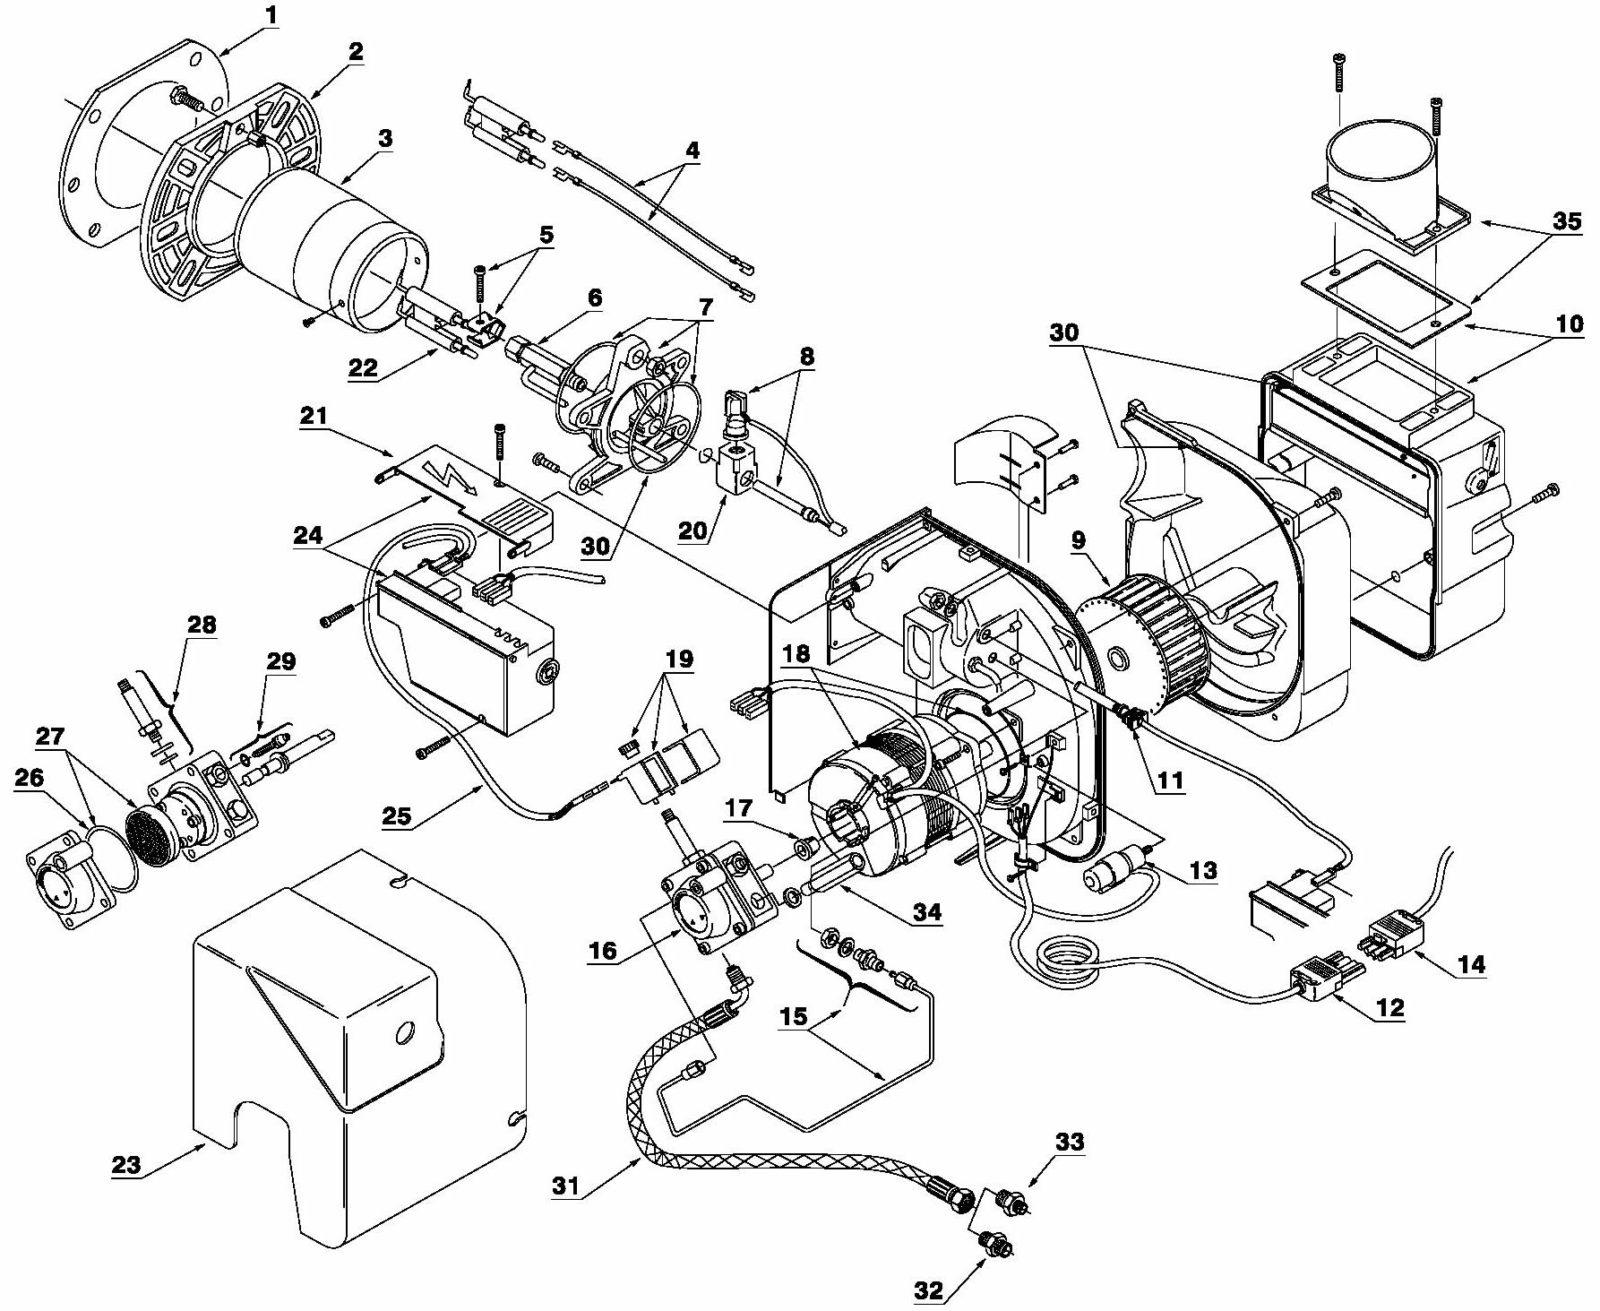 Warmflow Boiler Wiring Diagram - Wiring Diagrams Schematics